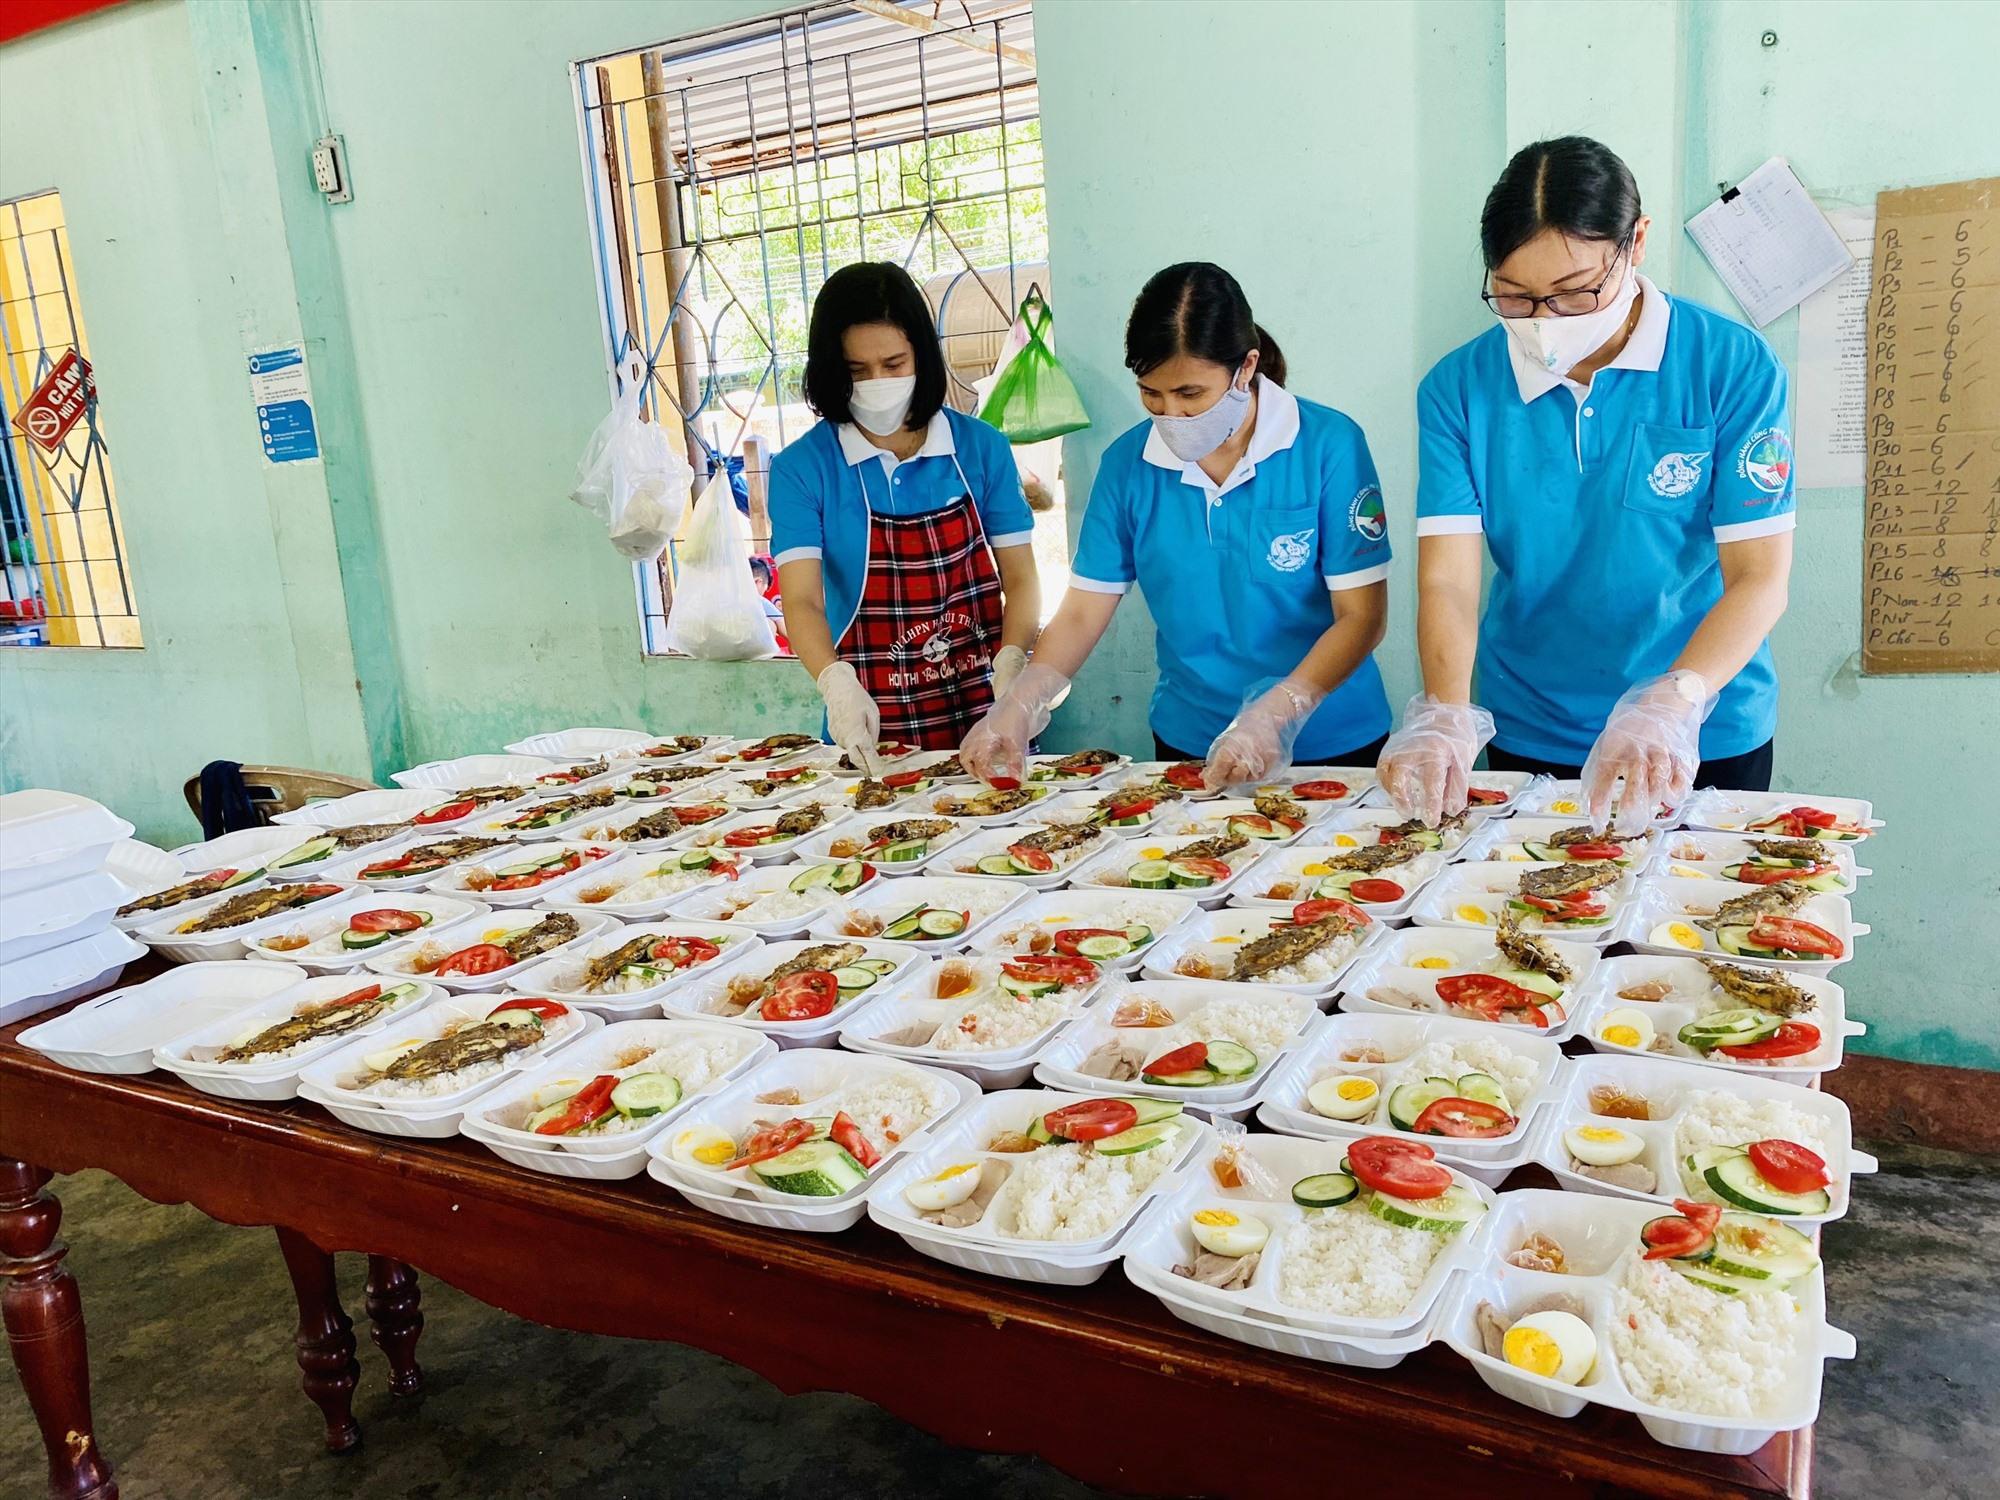 Các suất ăn từ thiện hỗ trợ cho người thực hiện cách ly tập trung cũng cần đảm bảo ATVSTP. Ảnh: H.Q